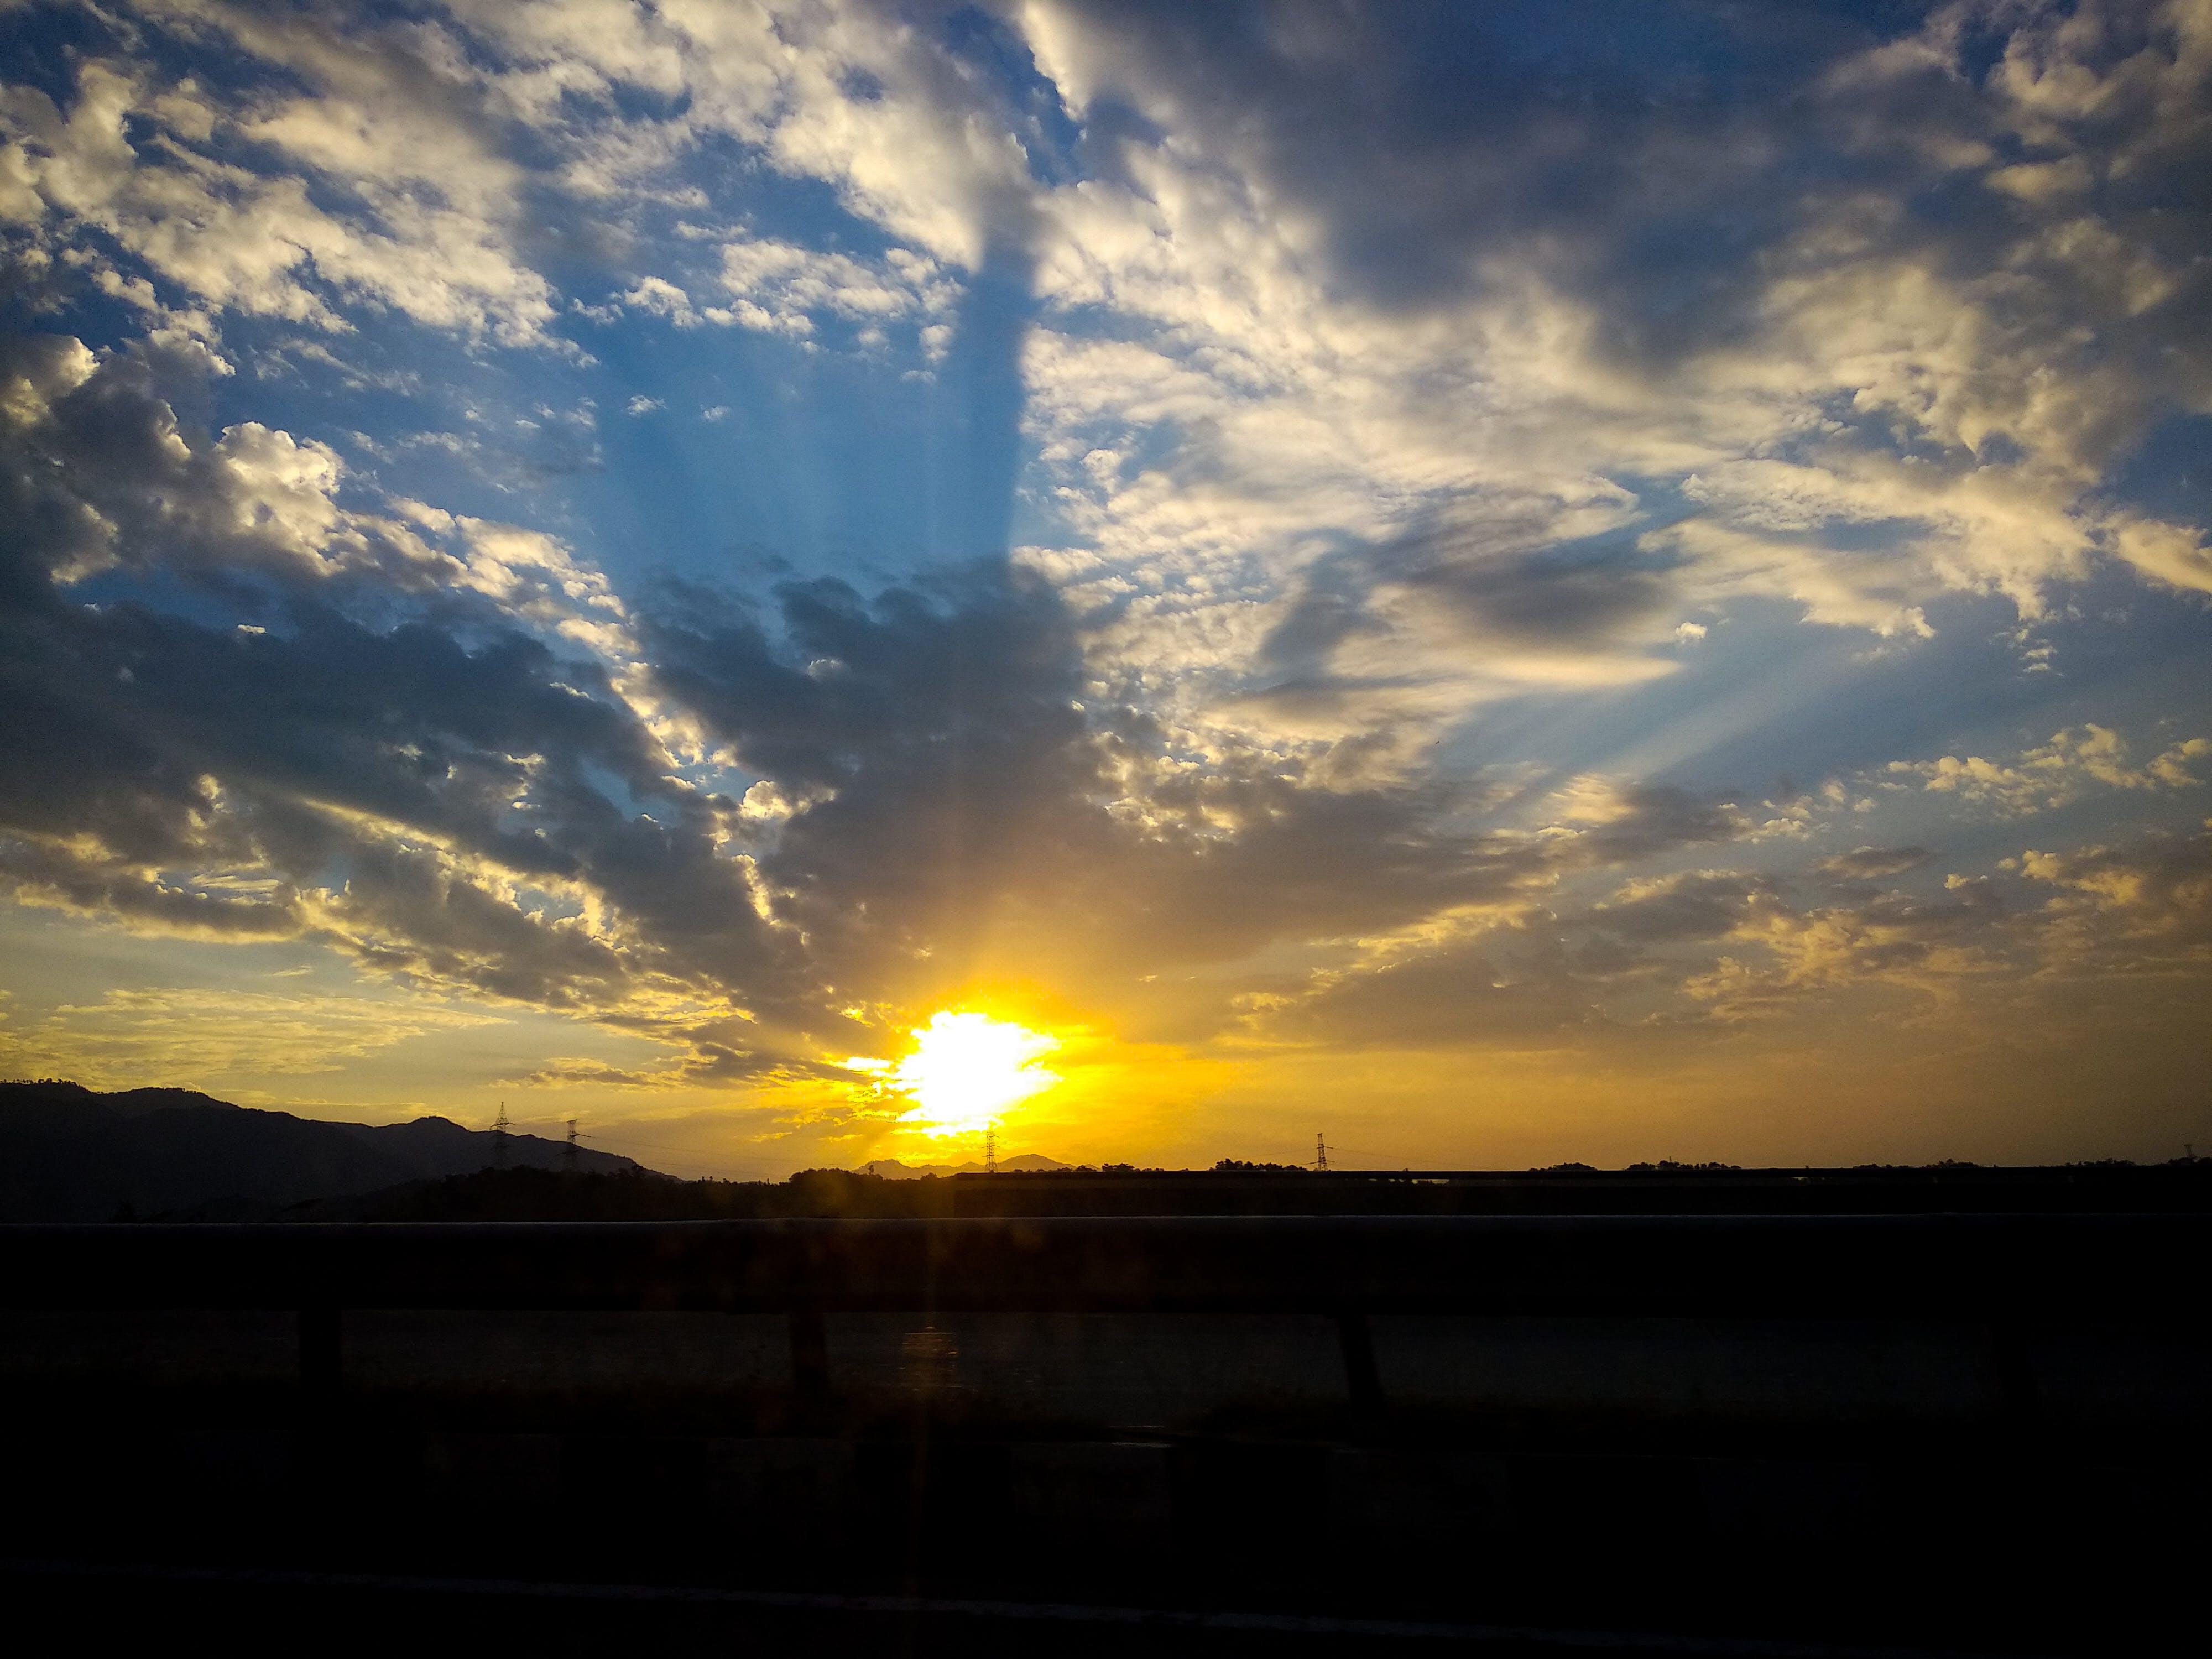 Photos gratuites de beauté dans la nature, fond de nature, lever de soleil, photo de nature